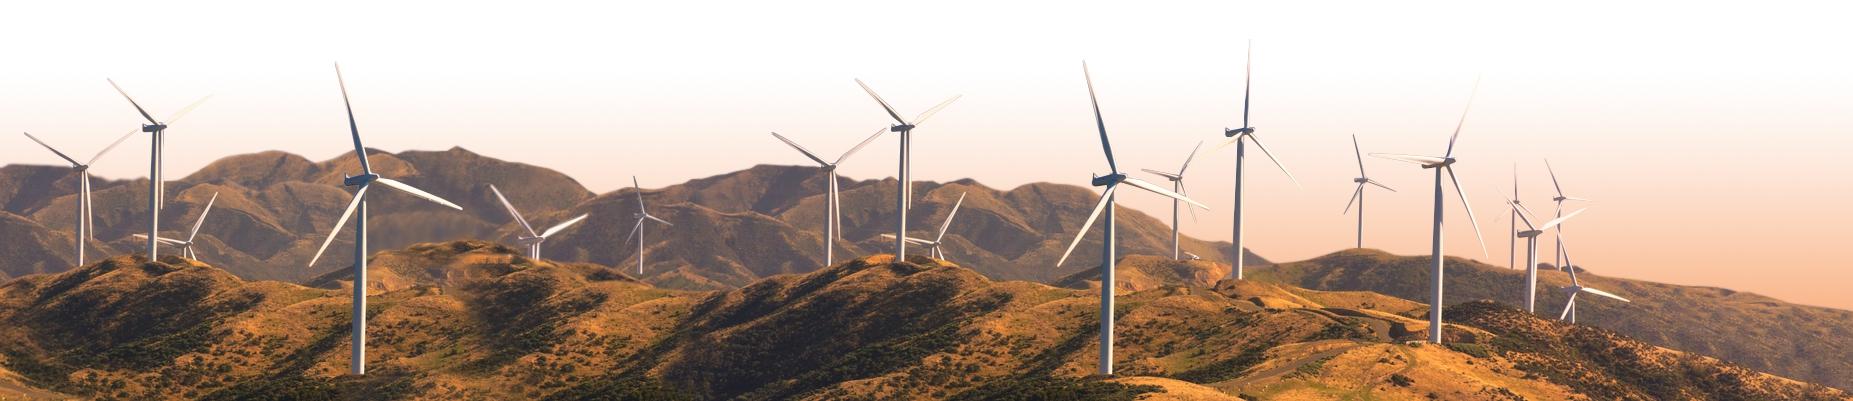 ICP WInd Turbine Spares